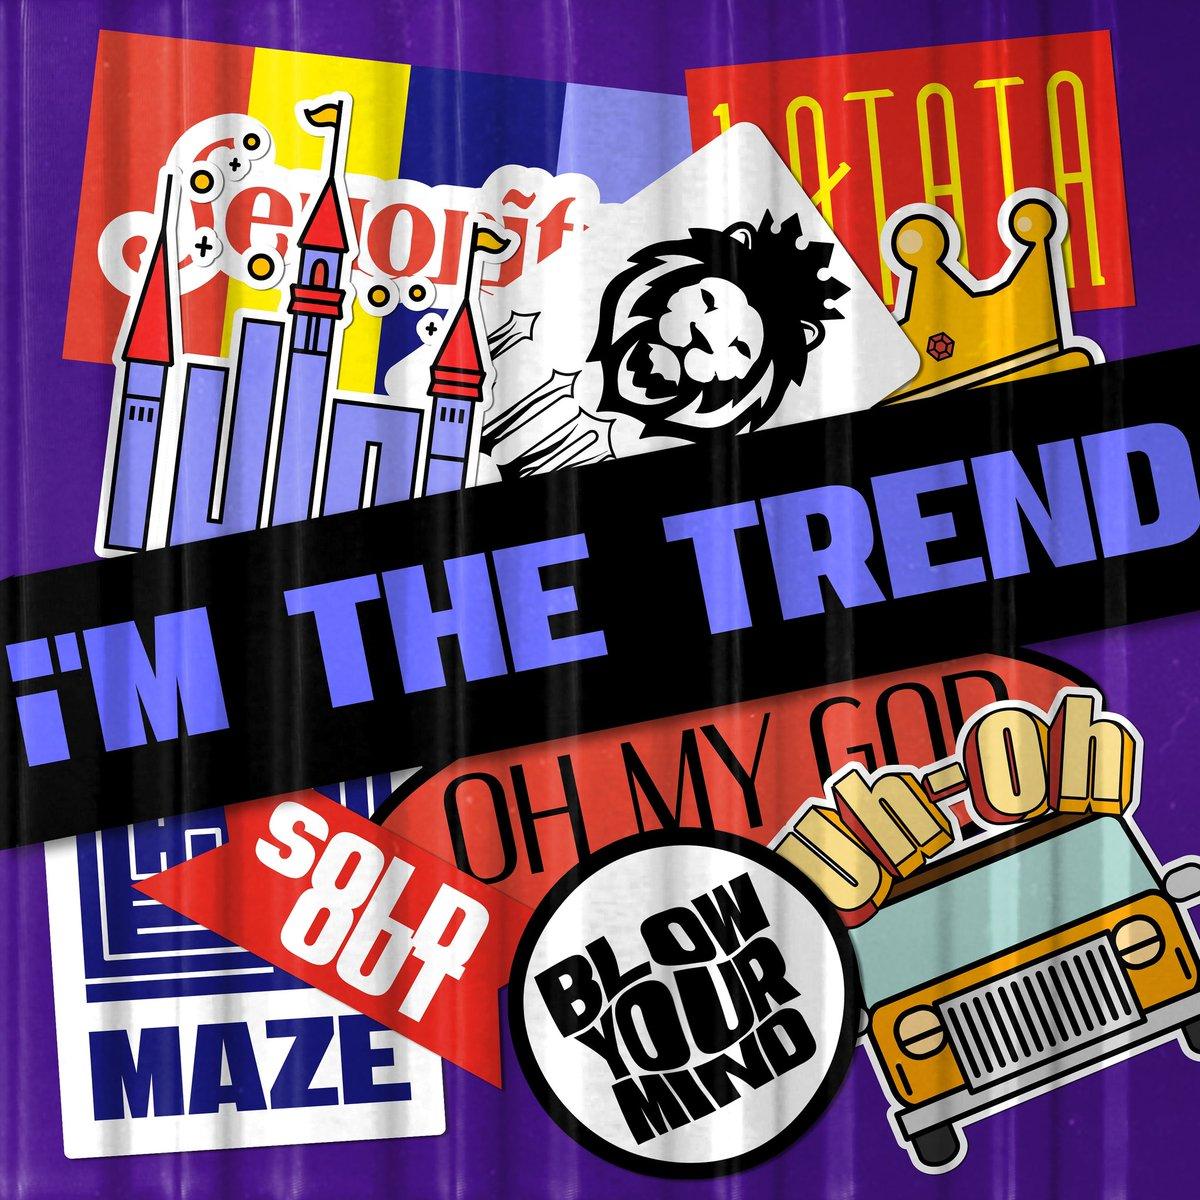 [🎧] (여자)아이들((G)I-DLE) - i'M THE TREND  ✔ Spotify:  ✔ Apple Music:  ✔ Amazon Music:  ✔ Pandora:  ✔ iHeart:  ✔ Deezer: